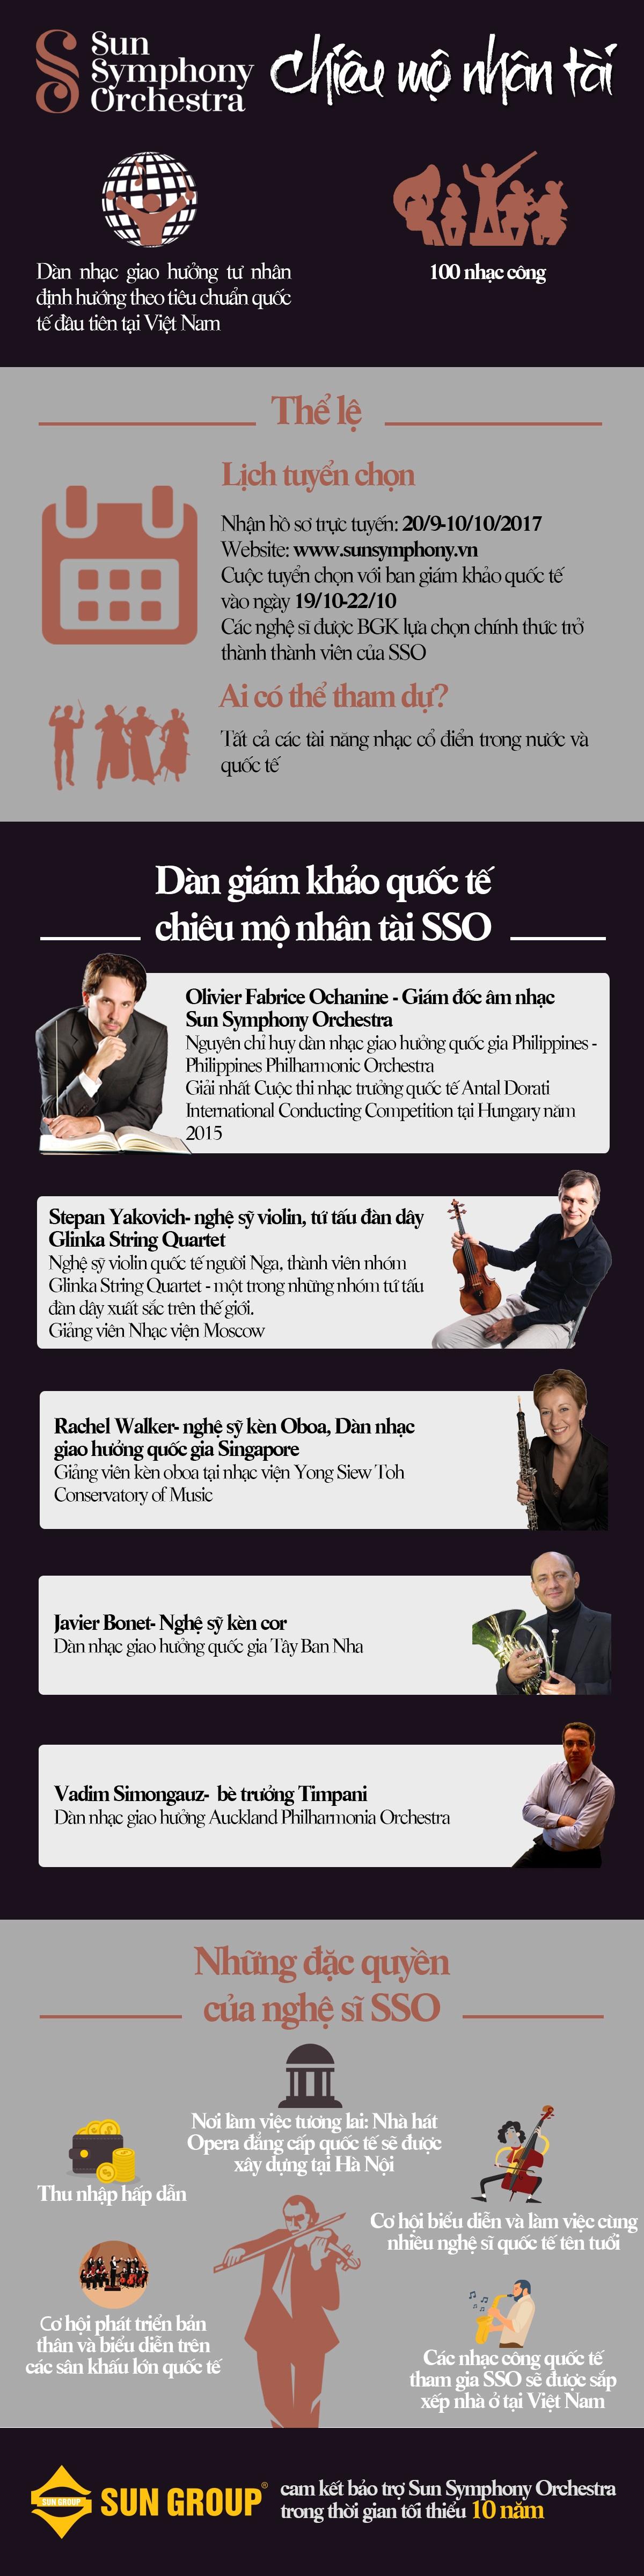 Dàn nhạc giao hưởng Sun Symphony Orchestra chiêu mộ nhân tài